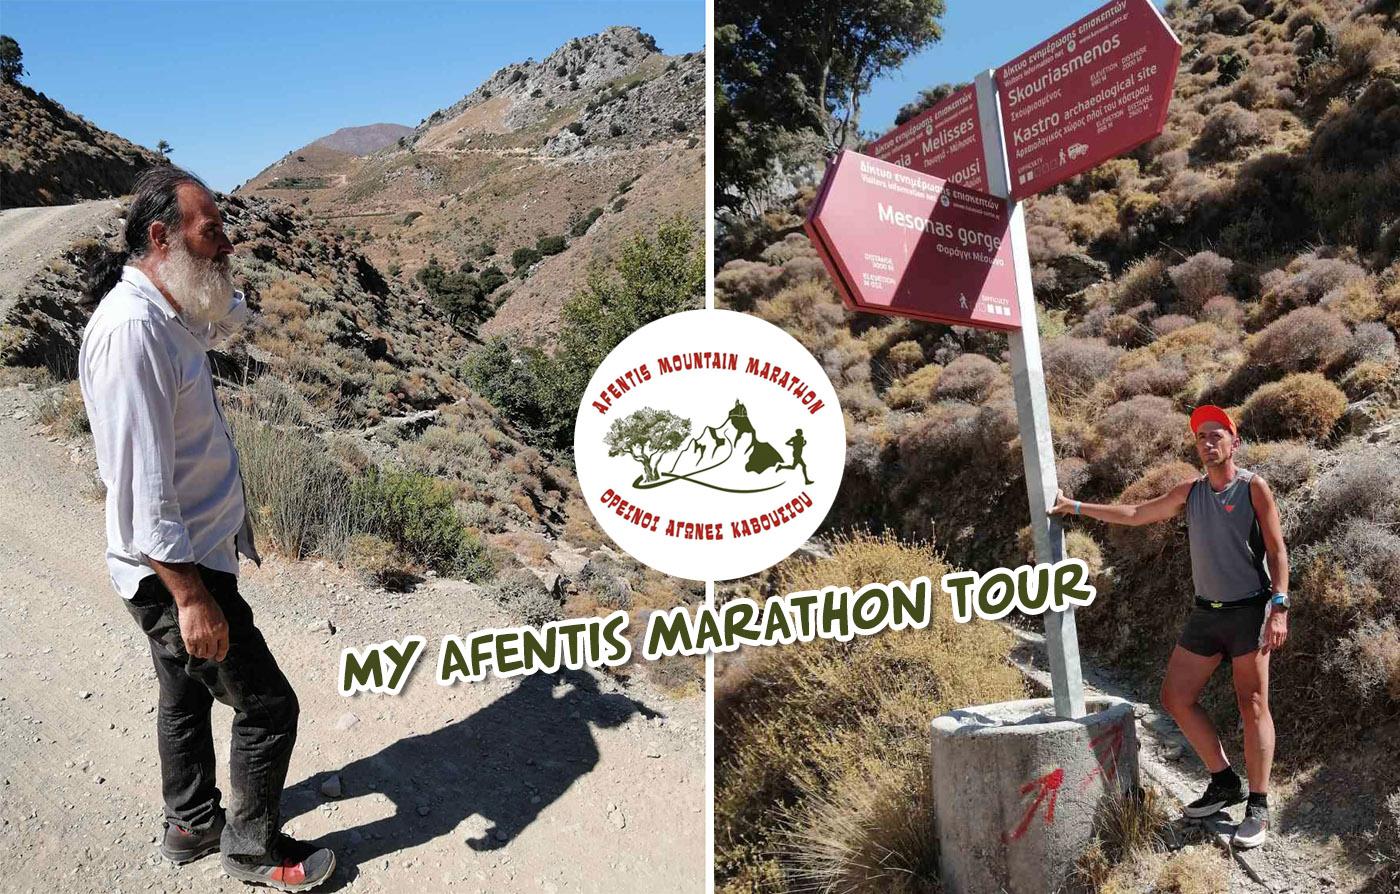 Afentis Mountain Marathon Tour 2021 Charris Manoussis